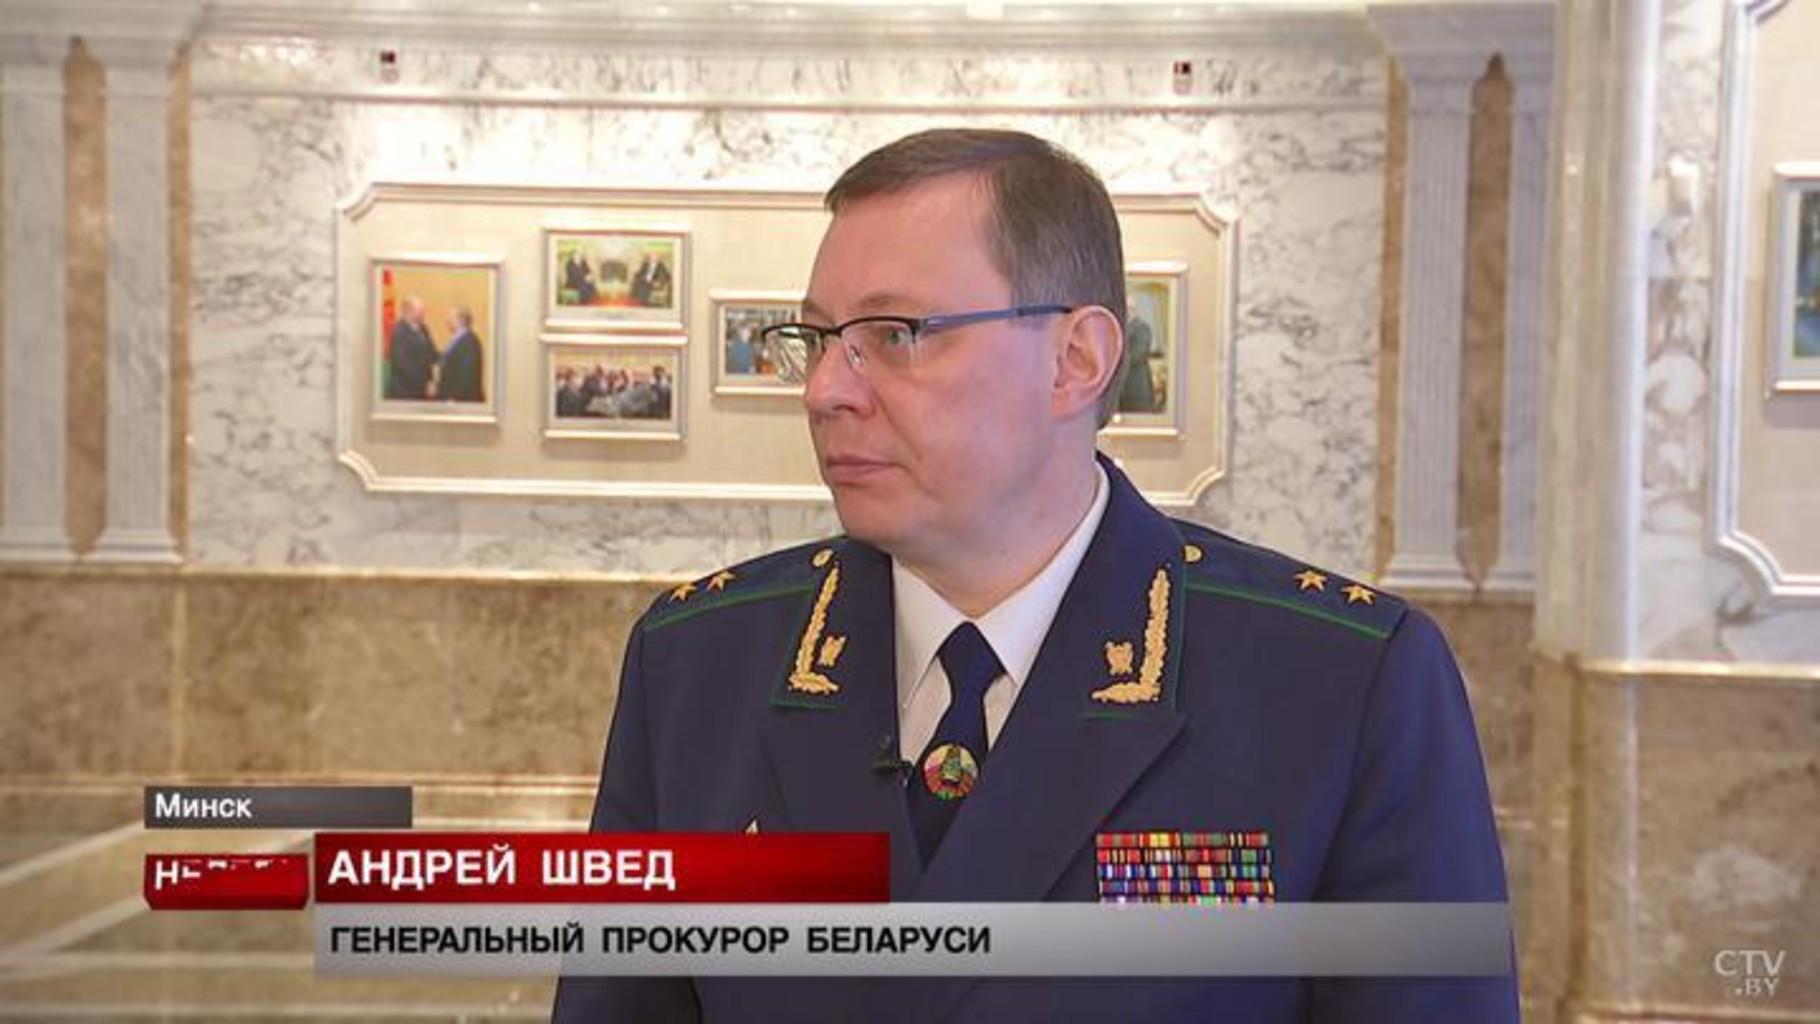 Andrey shved 31012021